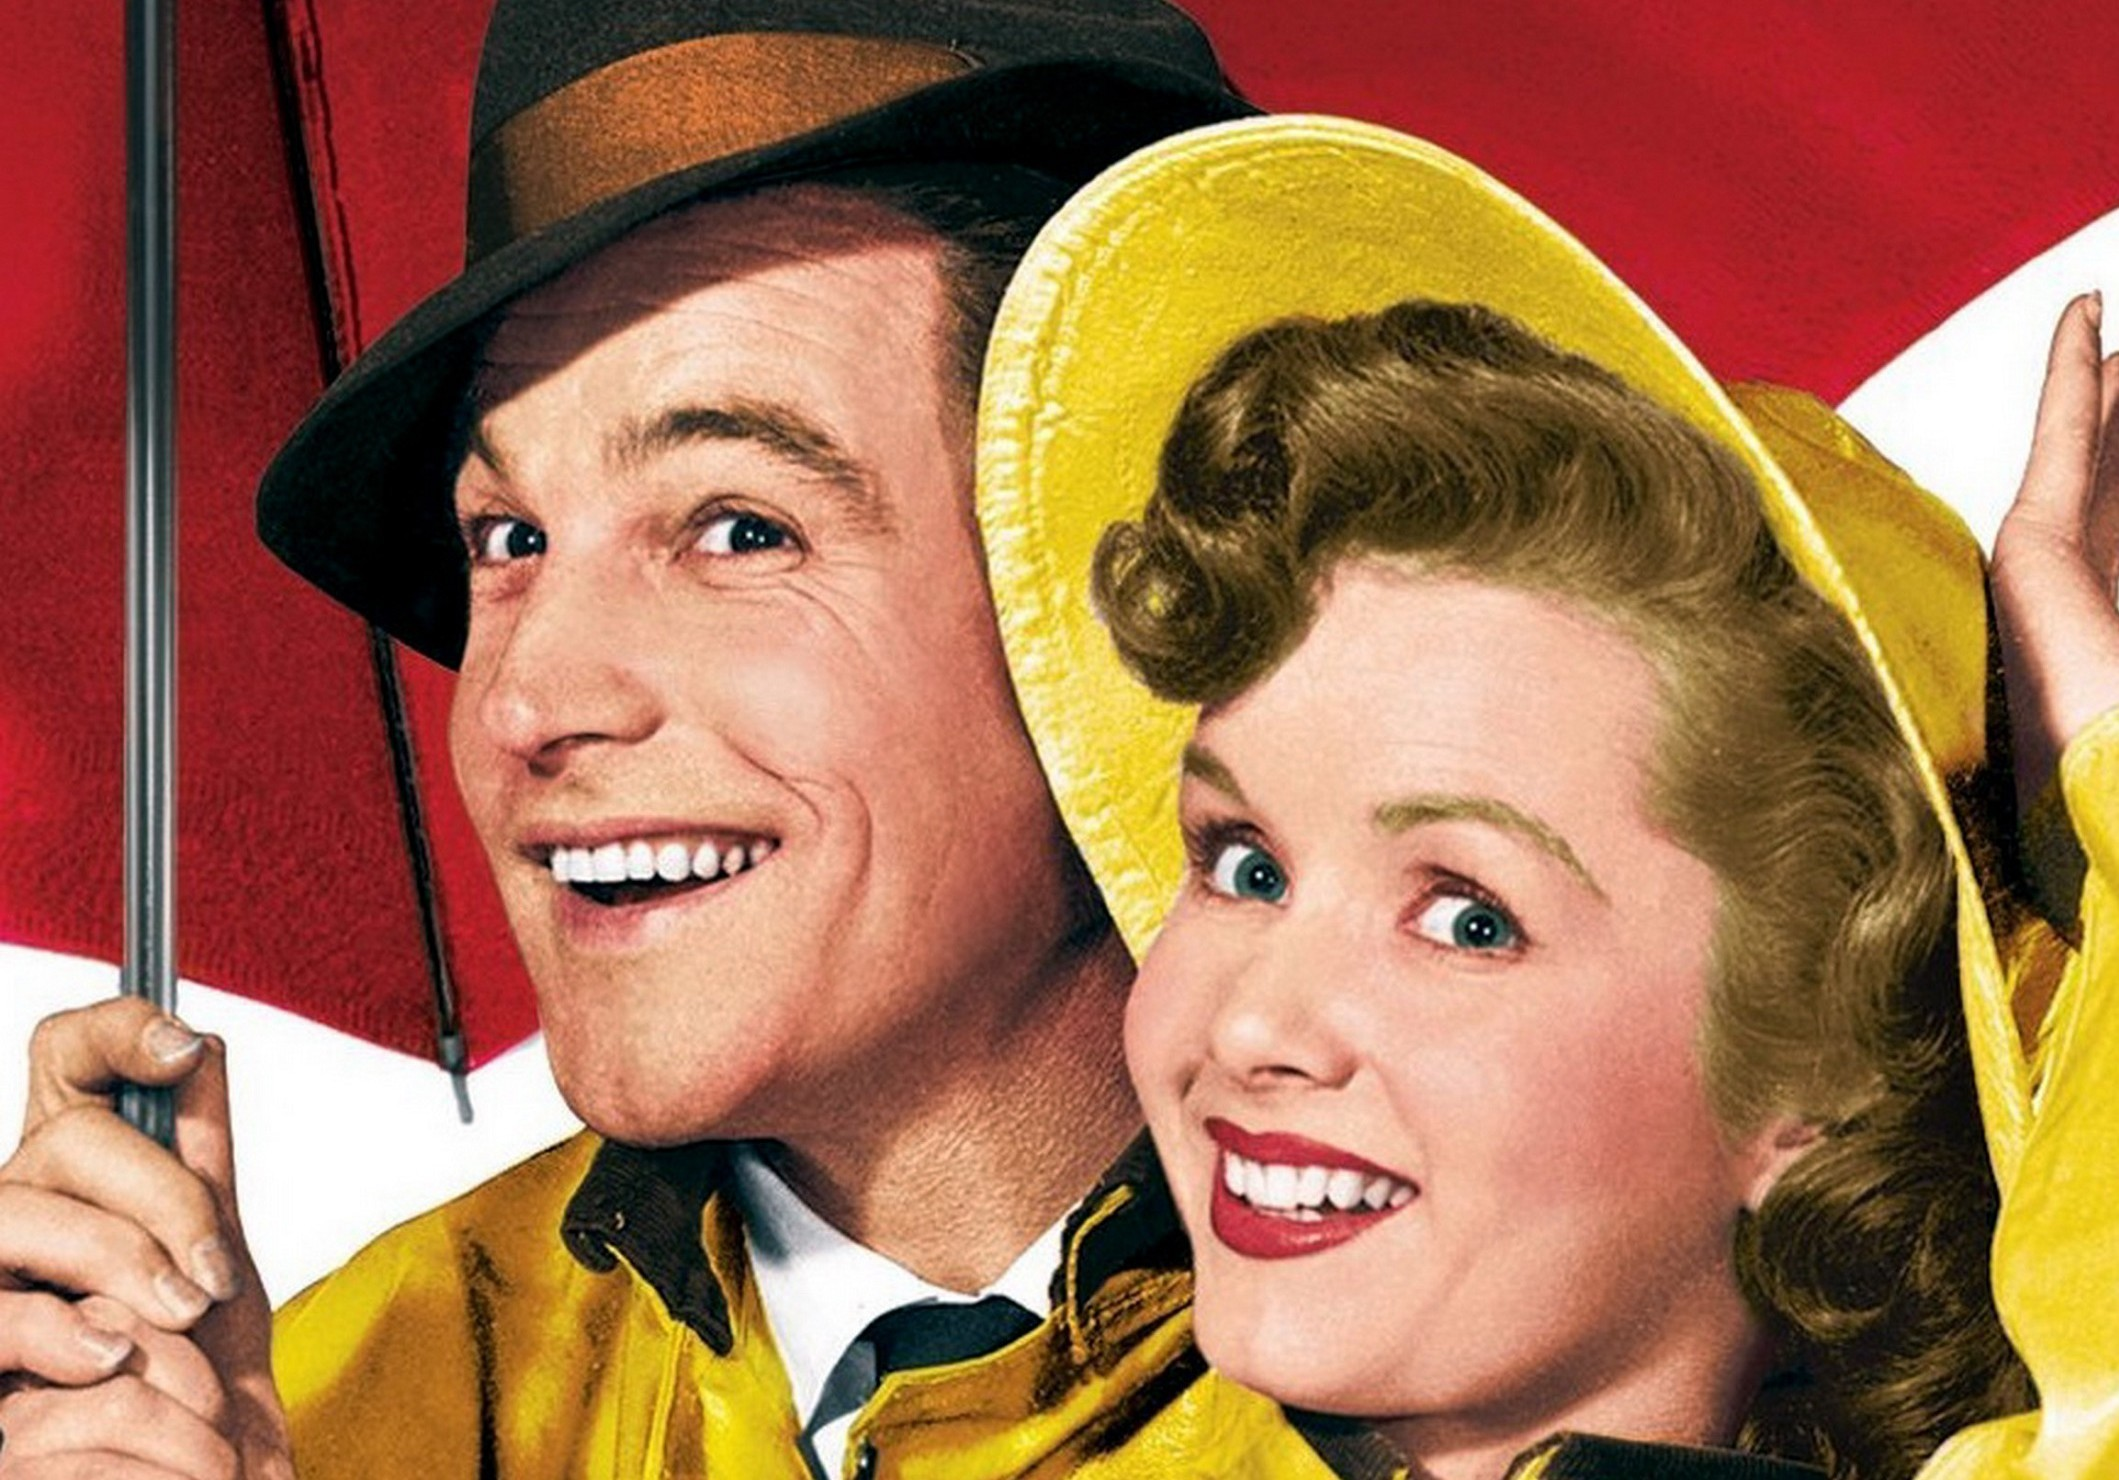 Gene Kelly and Debbie Reynolds star in the classic film (Allstar/MGM)